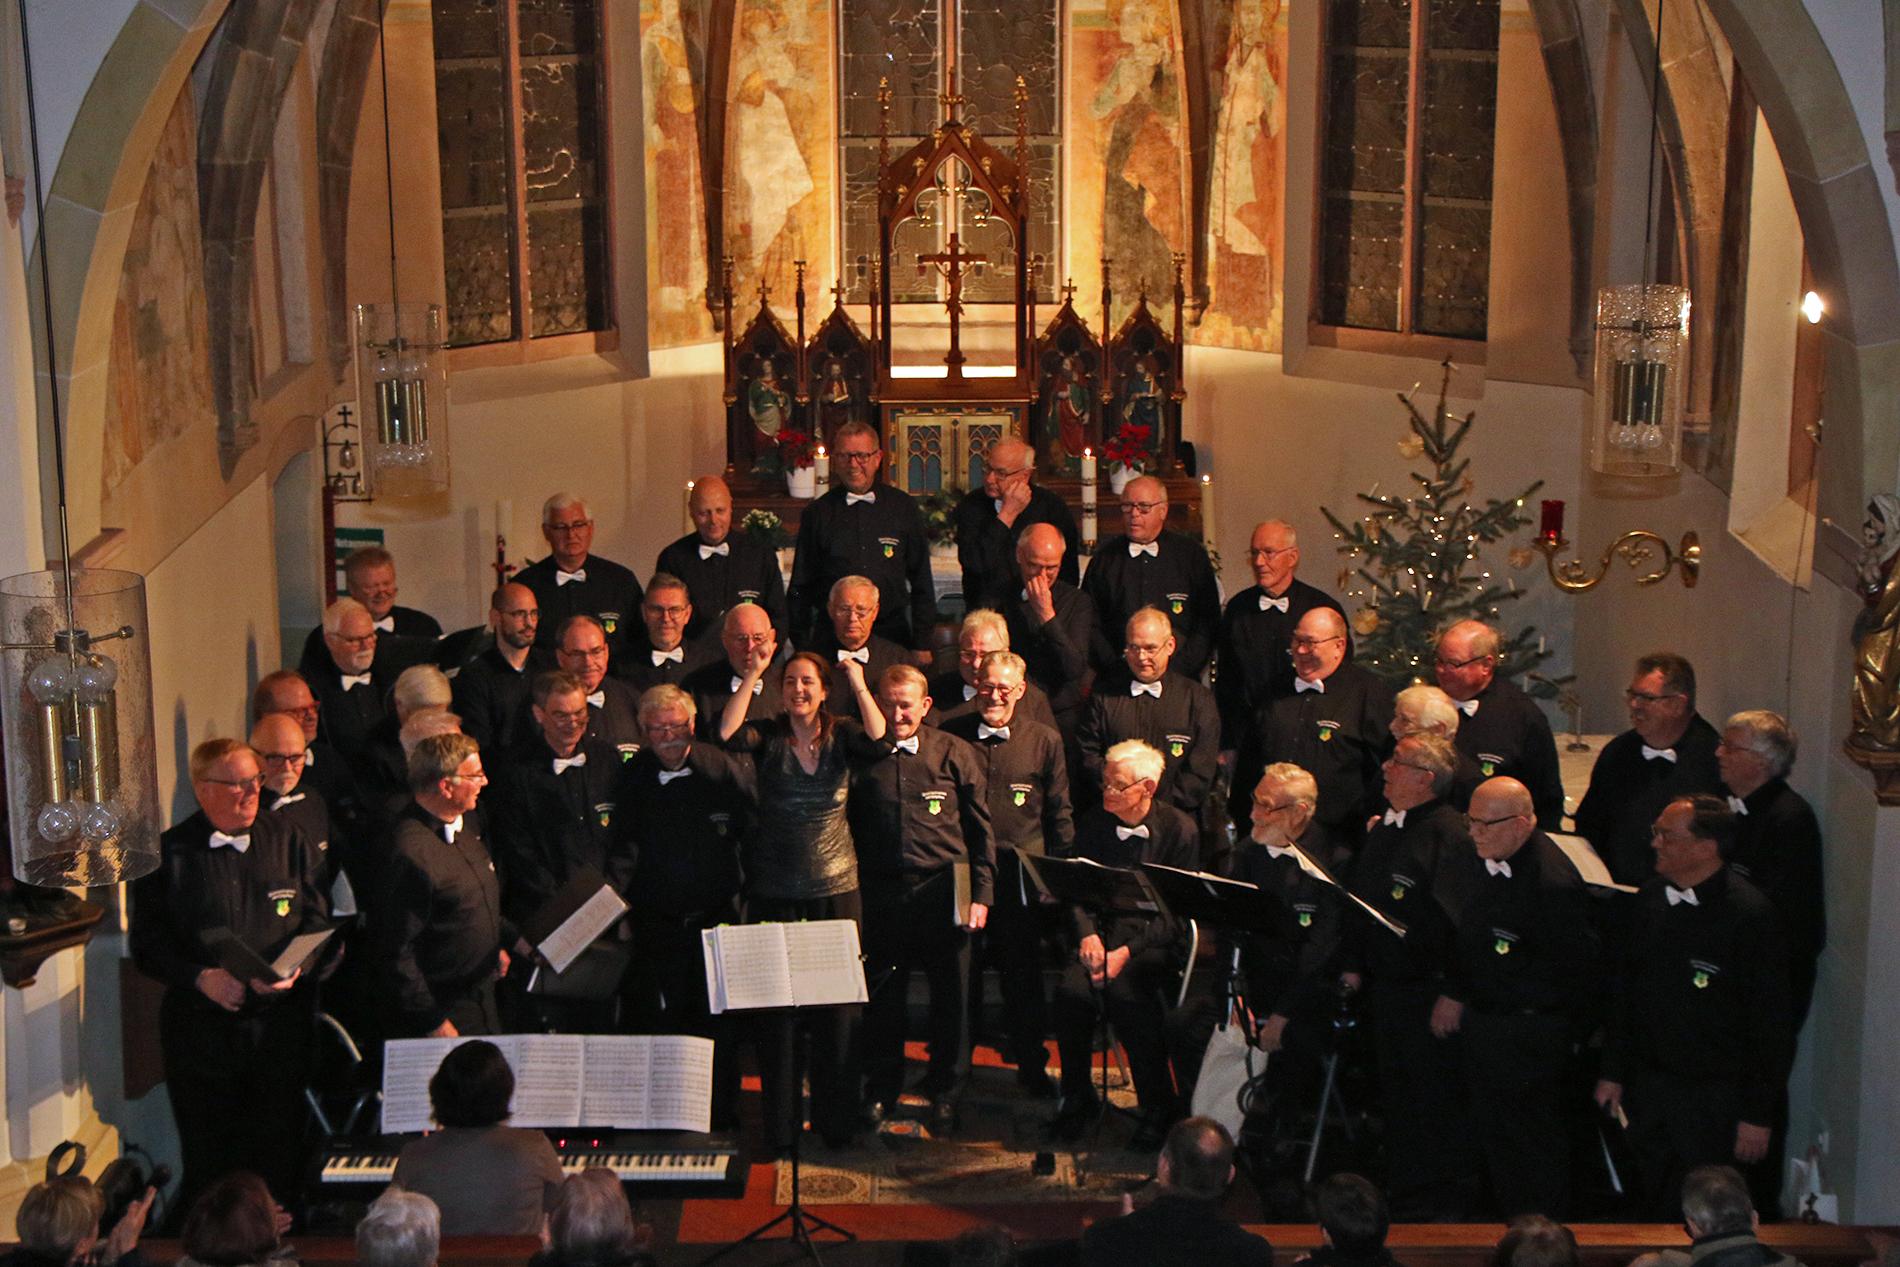 Ein rundum gelungenes Neujahrskonzert als Premiere in Angelsdorf, ein sehr zufriedenes Publikum und ganz viel Spaß auf allen Seiten.